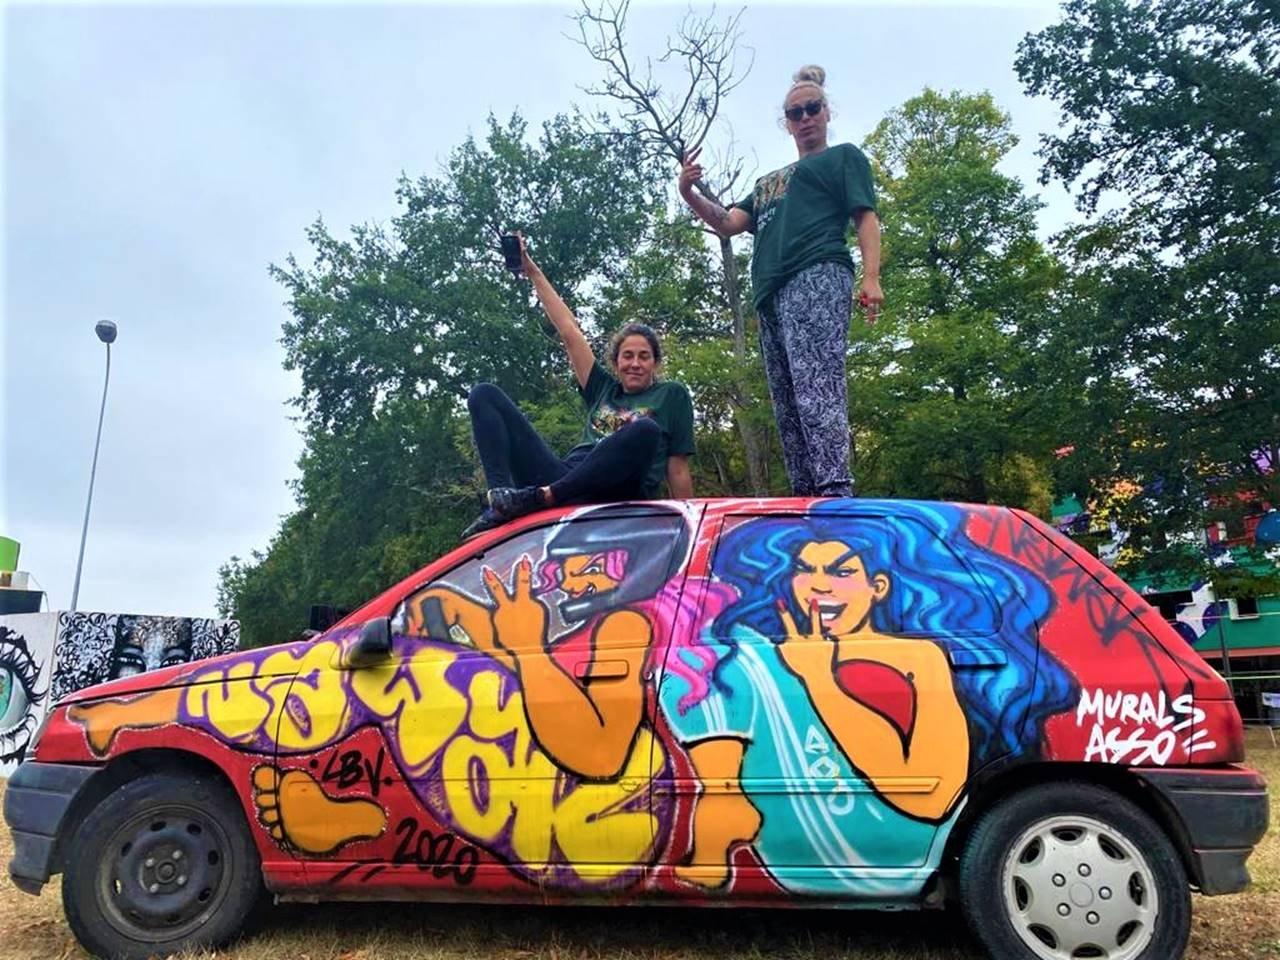 Nawk street-artiste, association MURALS